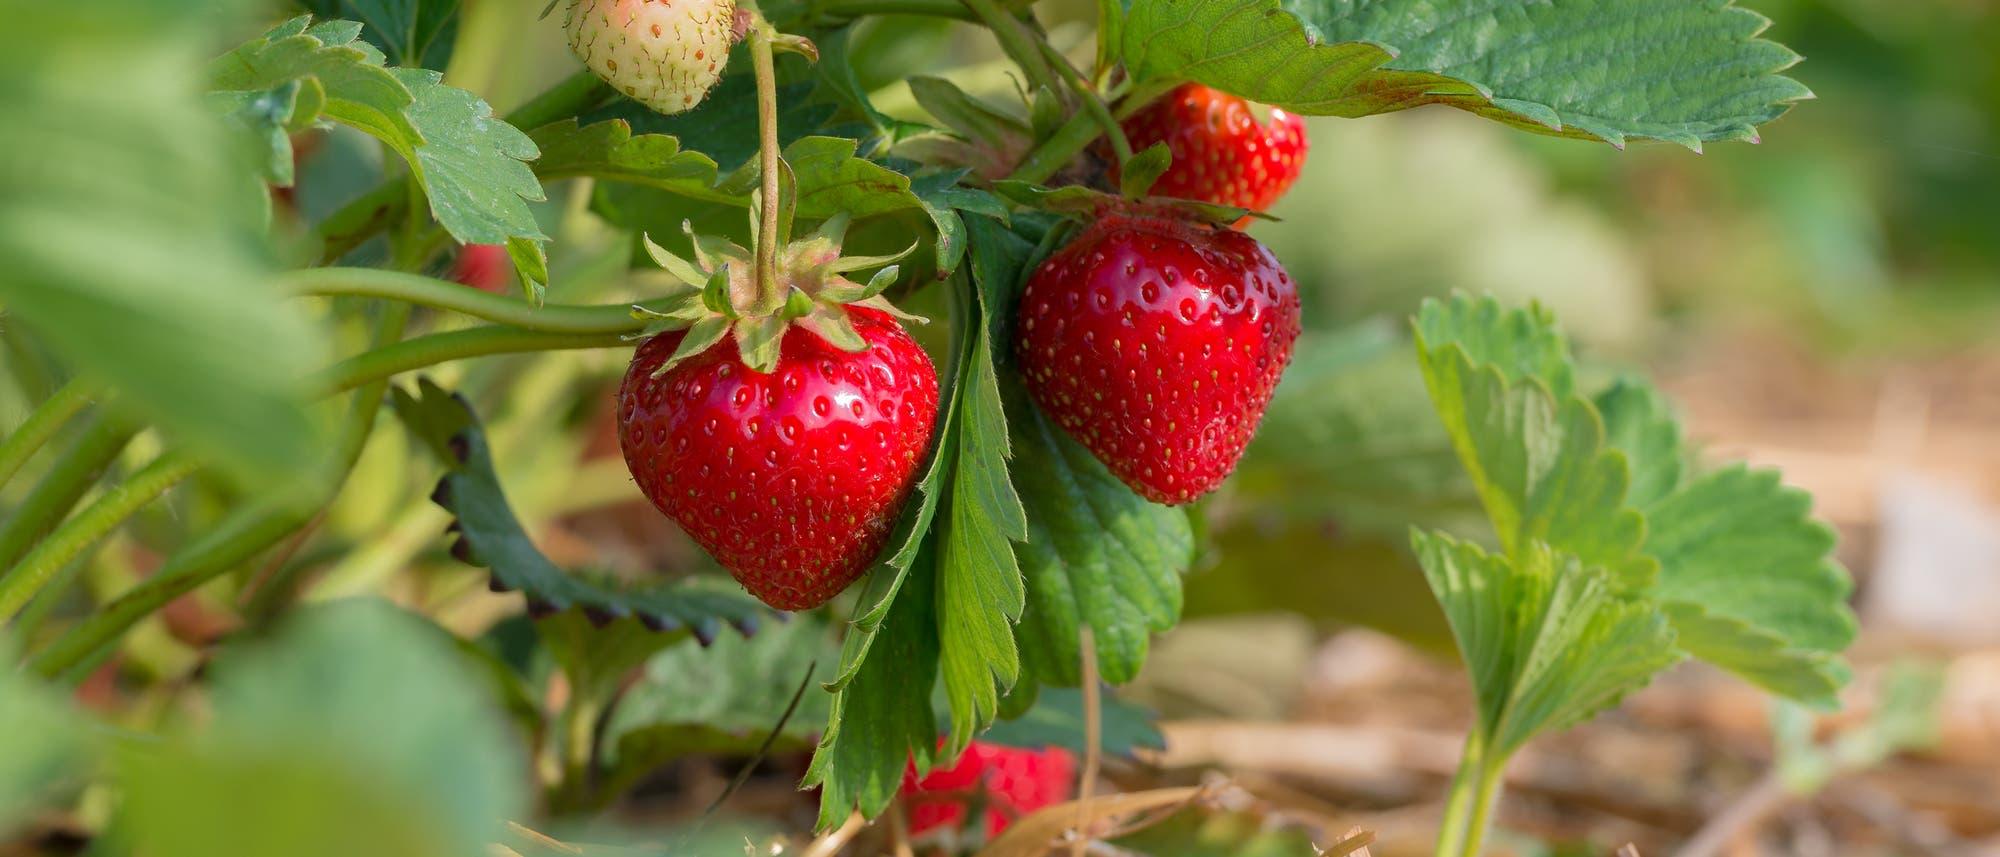 Rote und grüne Erdbeeren am Strauch, mit Strohunterlage.